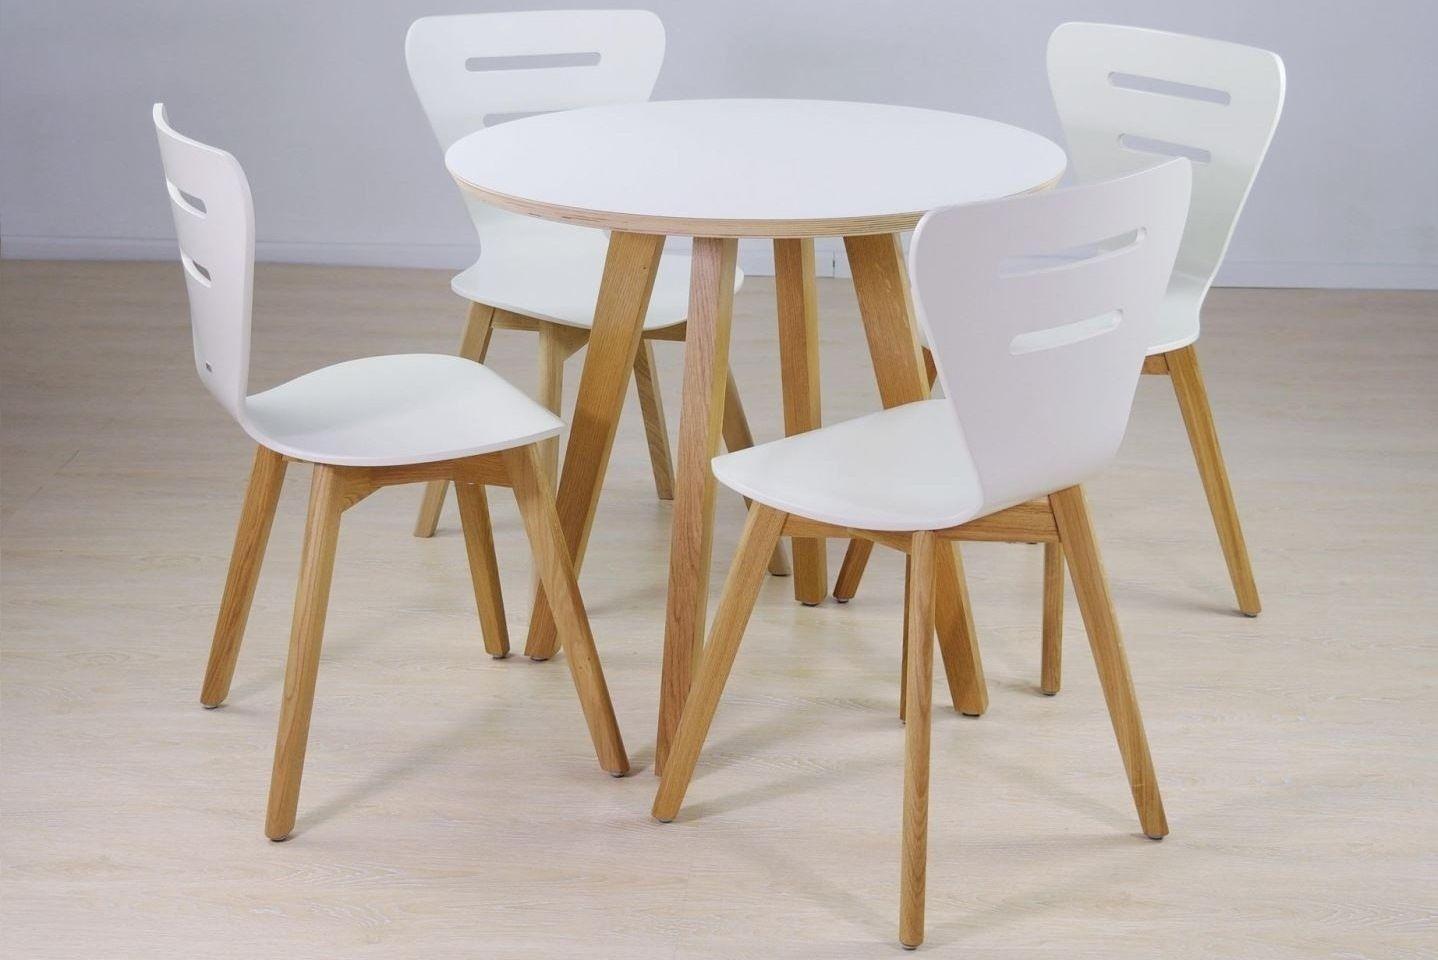 Stół Laminowany Okrągły Dębowe Nogi Krzesło Doris W Drewniane